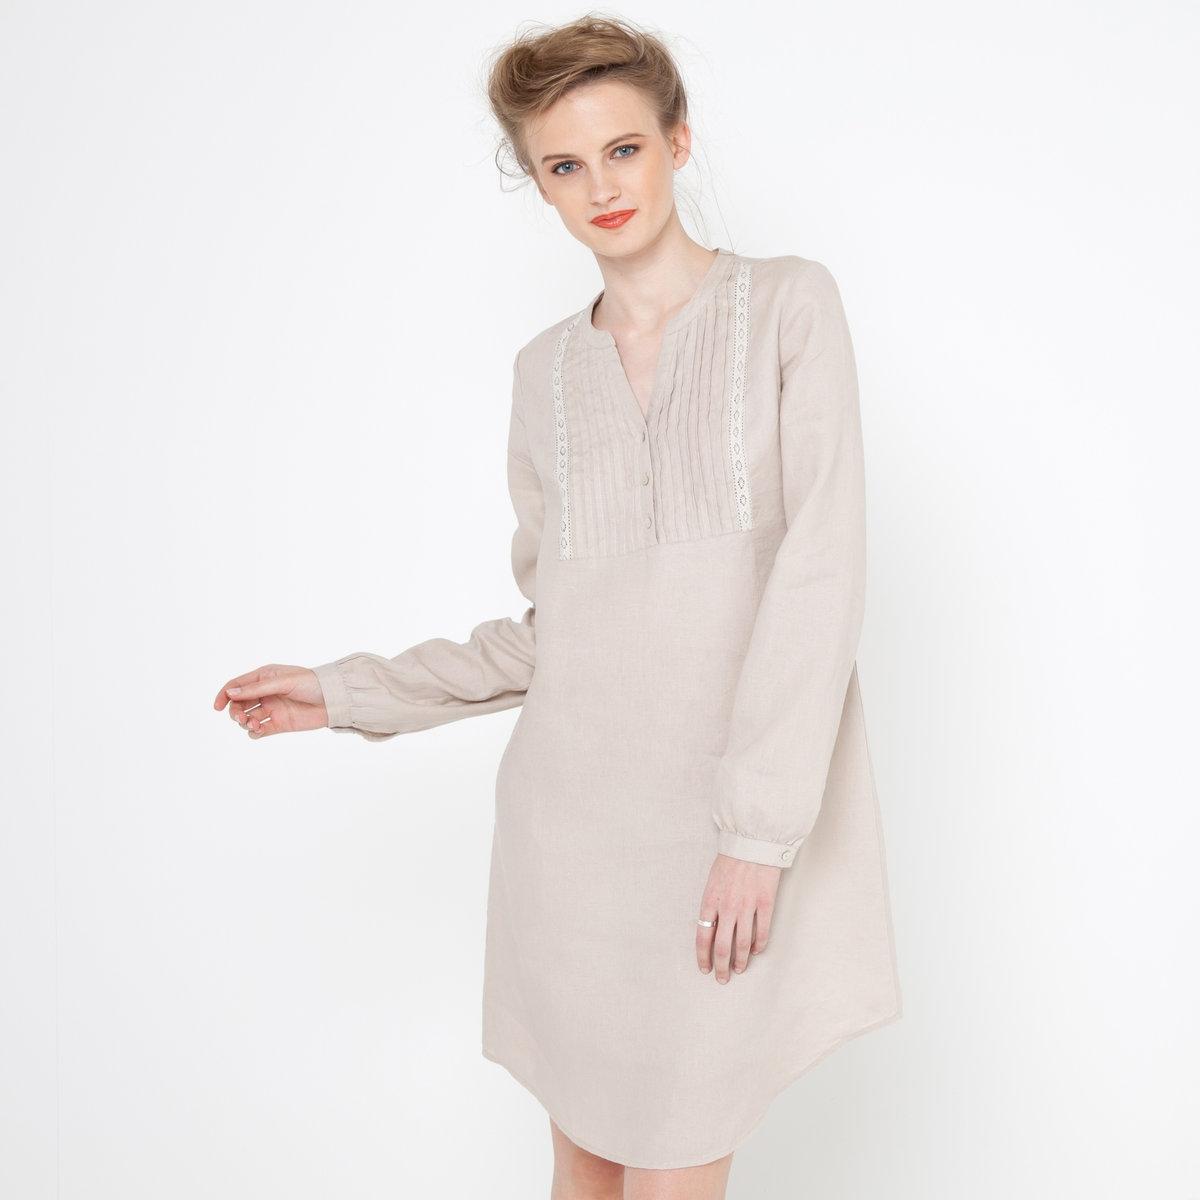 Платье из 100% льнаПлатье. Рукава 3/4. Складки и вышивка по вырезу. Съемный пояс. Длина ок.92 см.<br><br>Цвет: бежевый